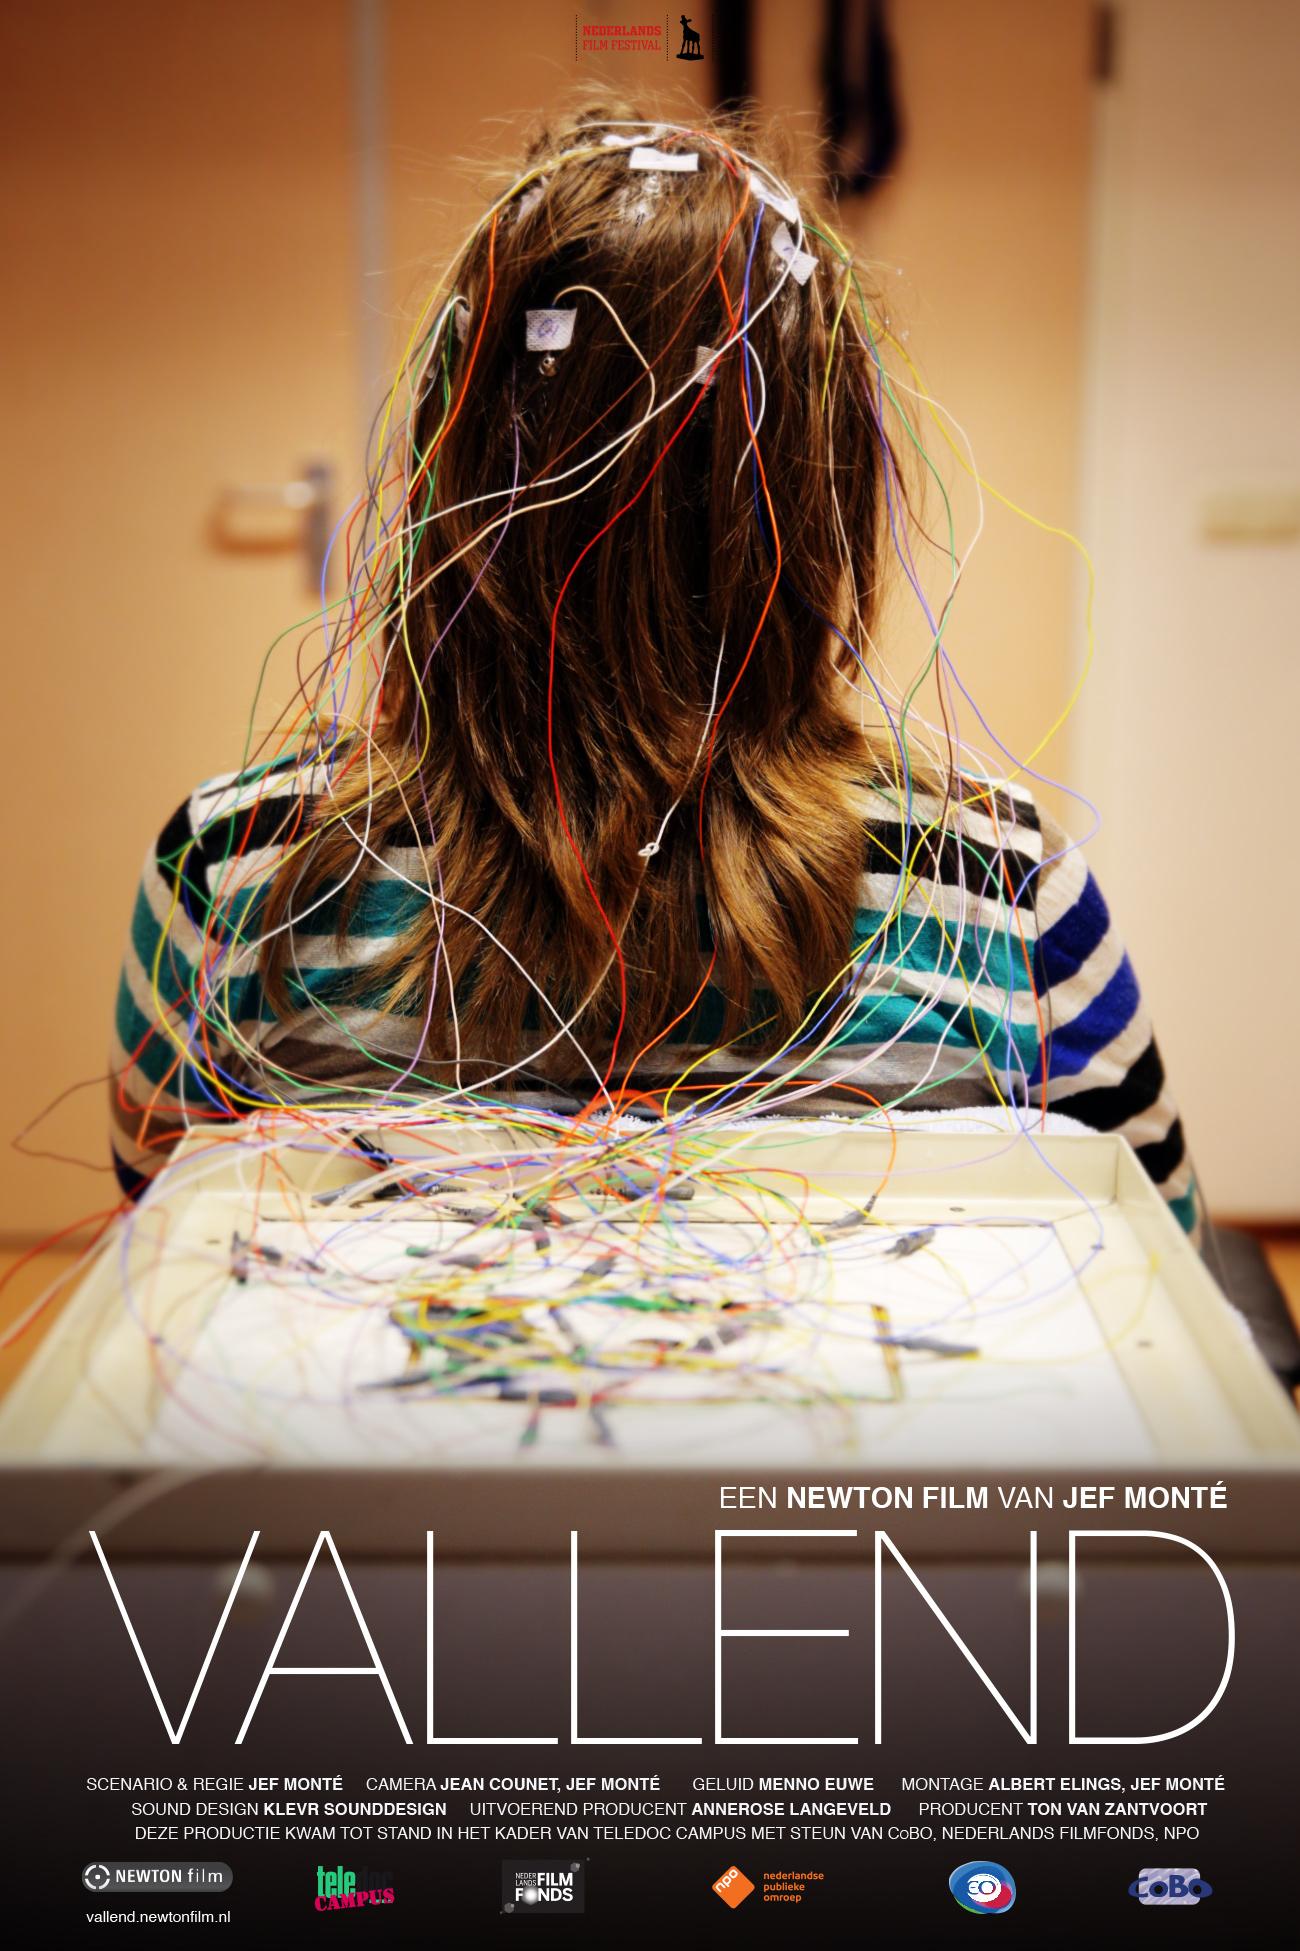 VALLEND poster Teledoc campus documentaire over epilepsie